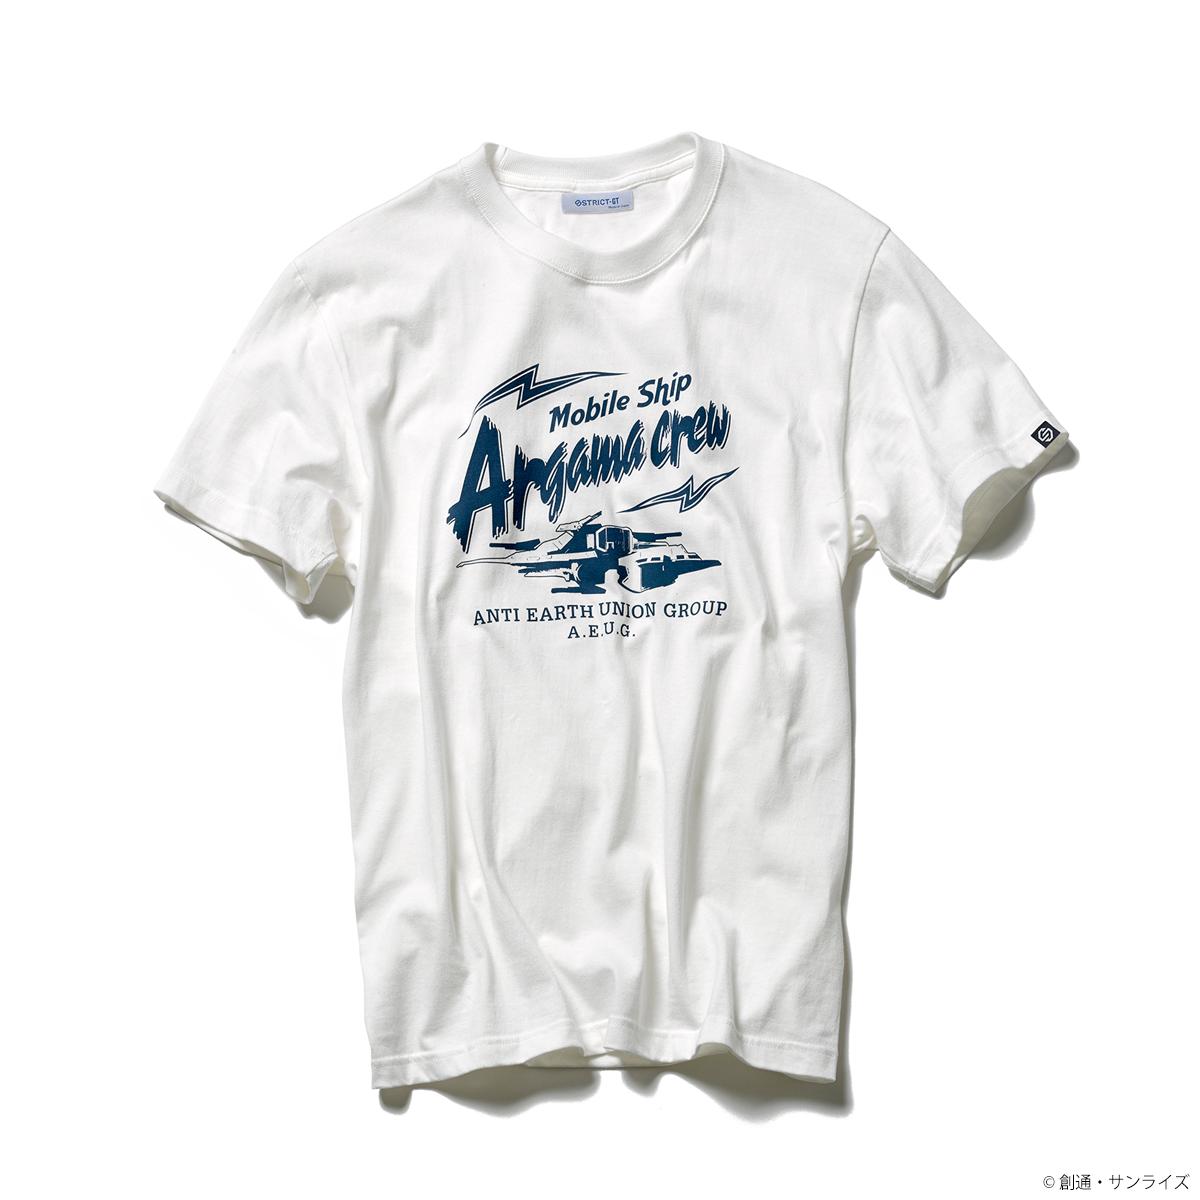 『機動戦士Zガンダム』 Tシャツ アーガマ・クルー柄